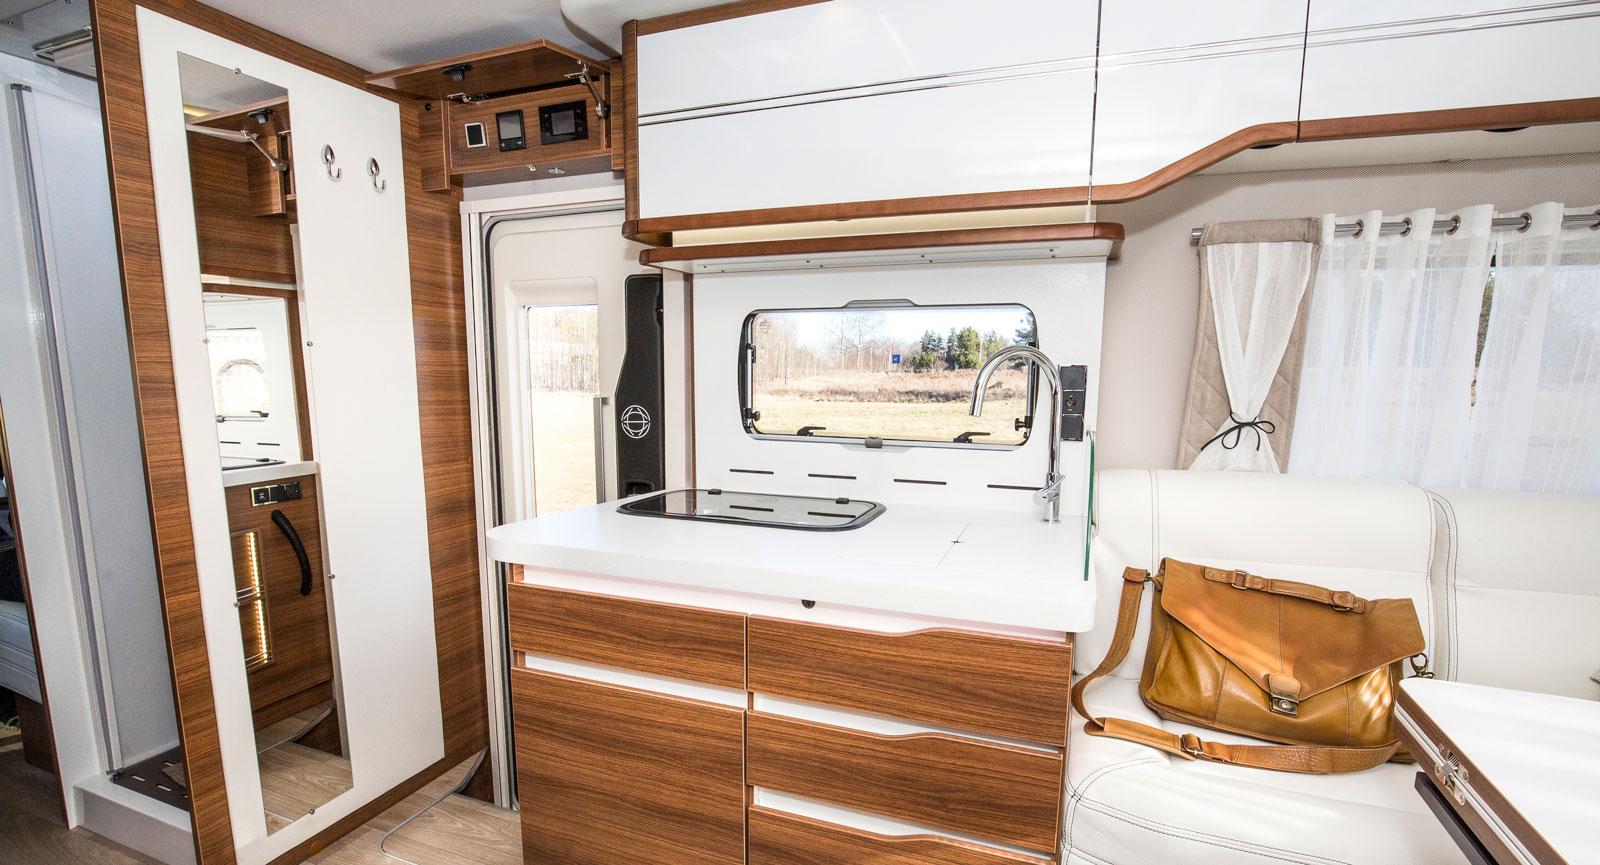 Entrén med helkroppsspegel samt två  krokar för ytterplagg. Notera även kökets propra och enhetliga design. Testbilen är extrautrustad med en exklusiv köksbänk av marmorliknande komposit.